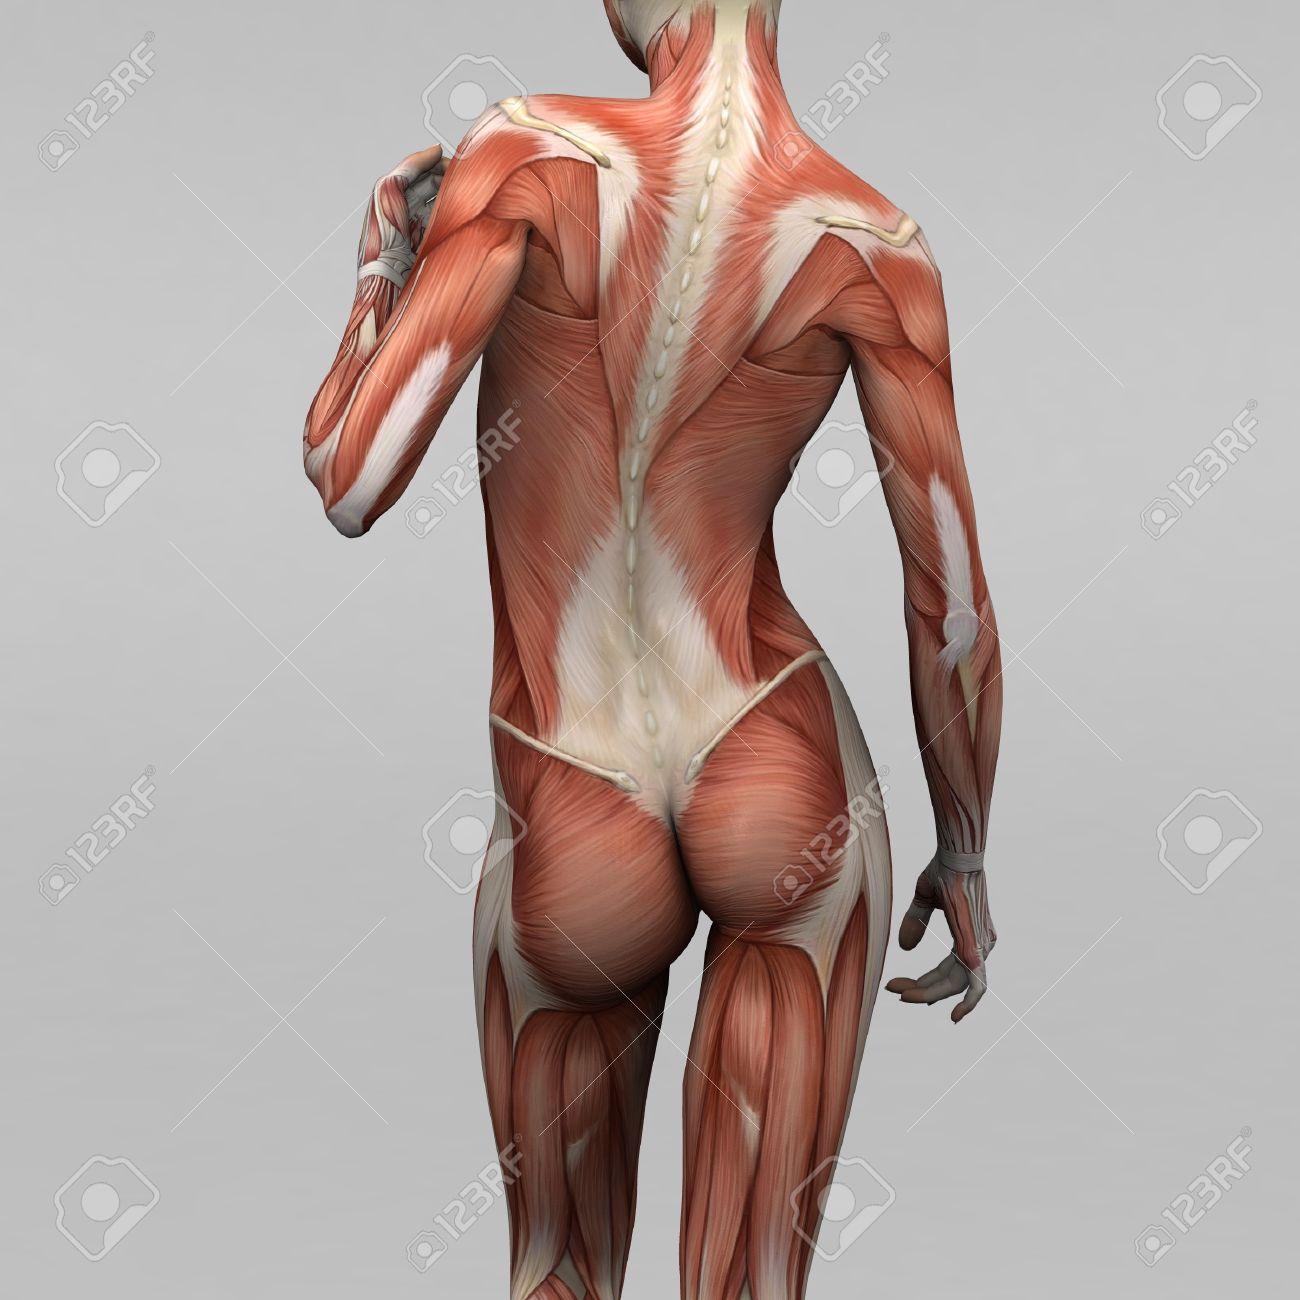 Mujer Anatomía Humana Y Los Músculos Fotos, Retratos, Imágenes Y ...